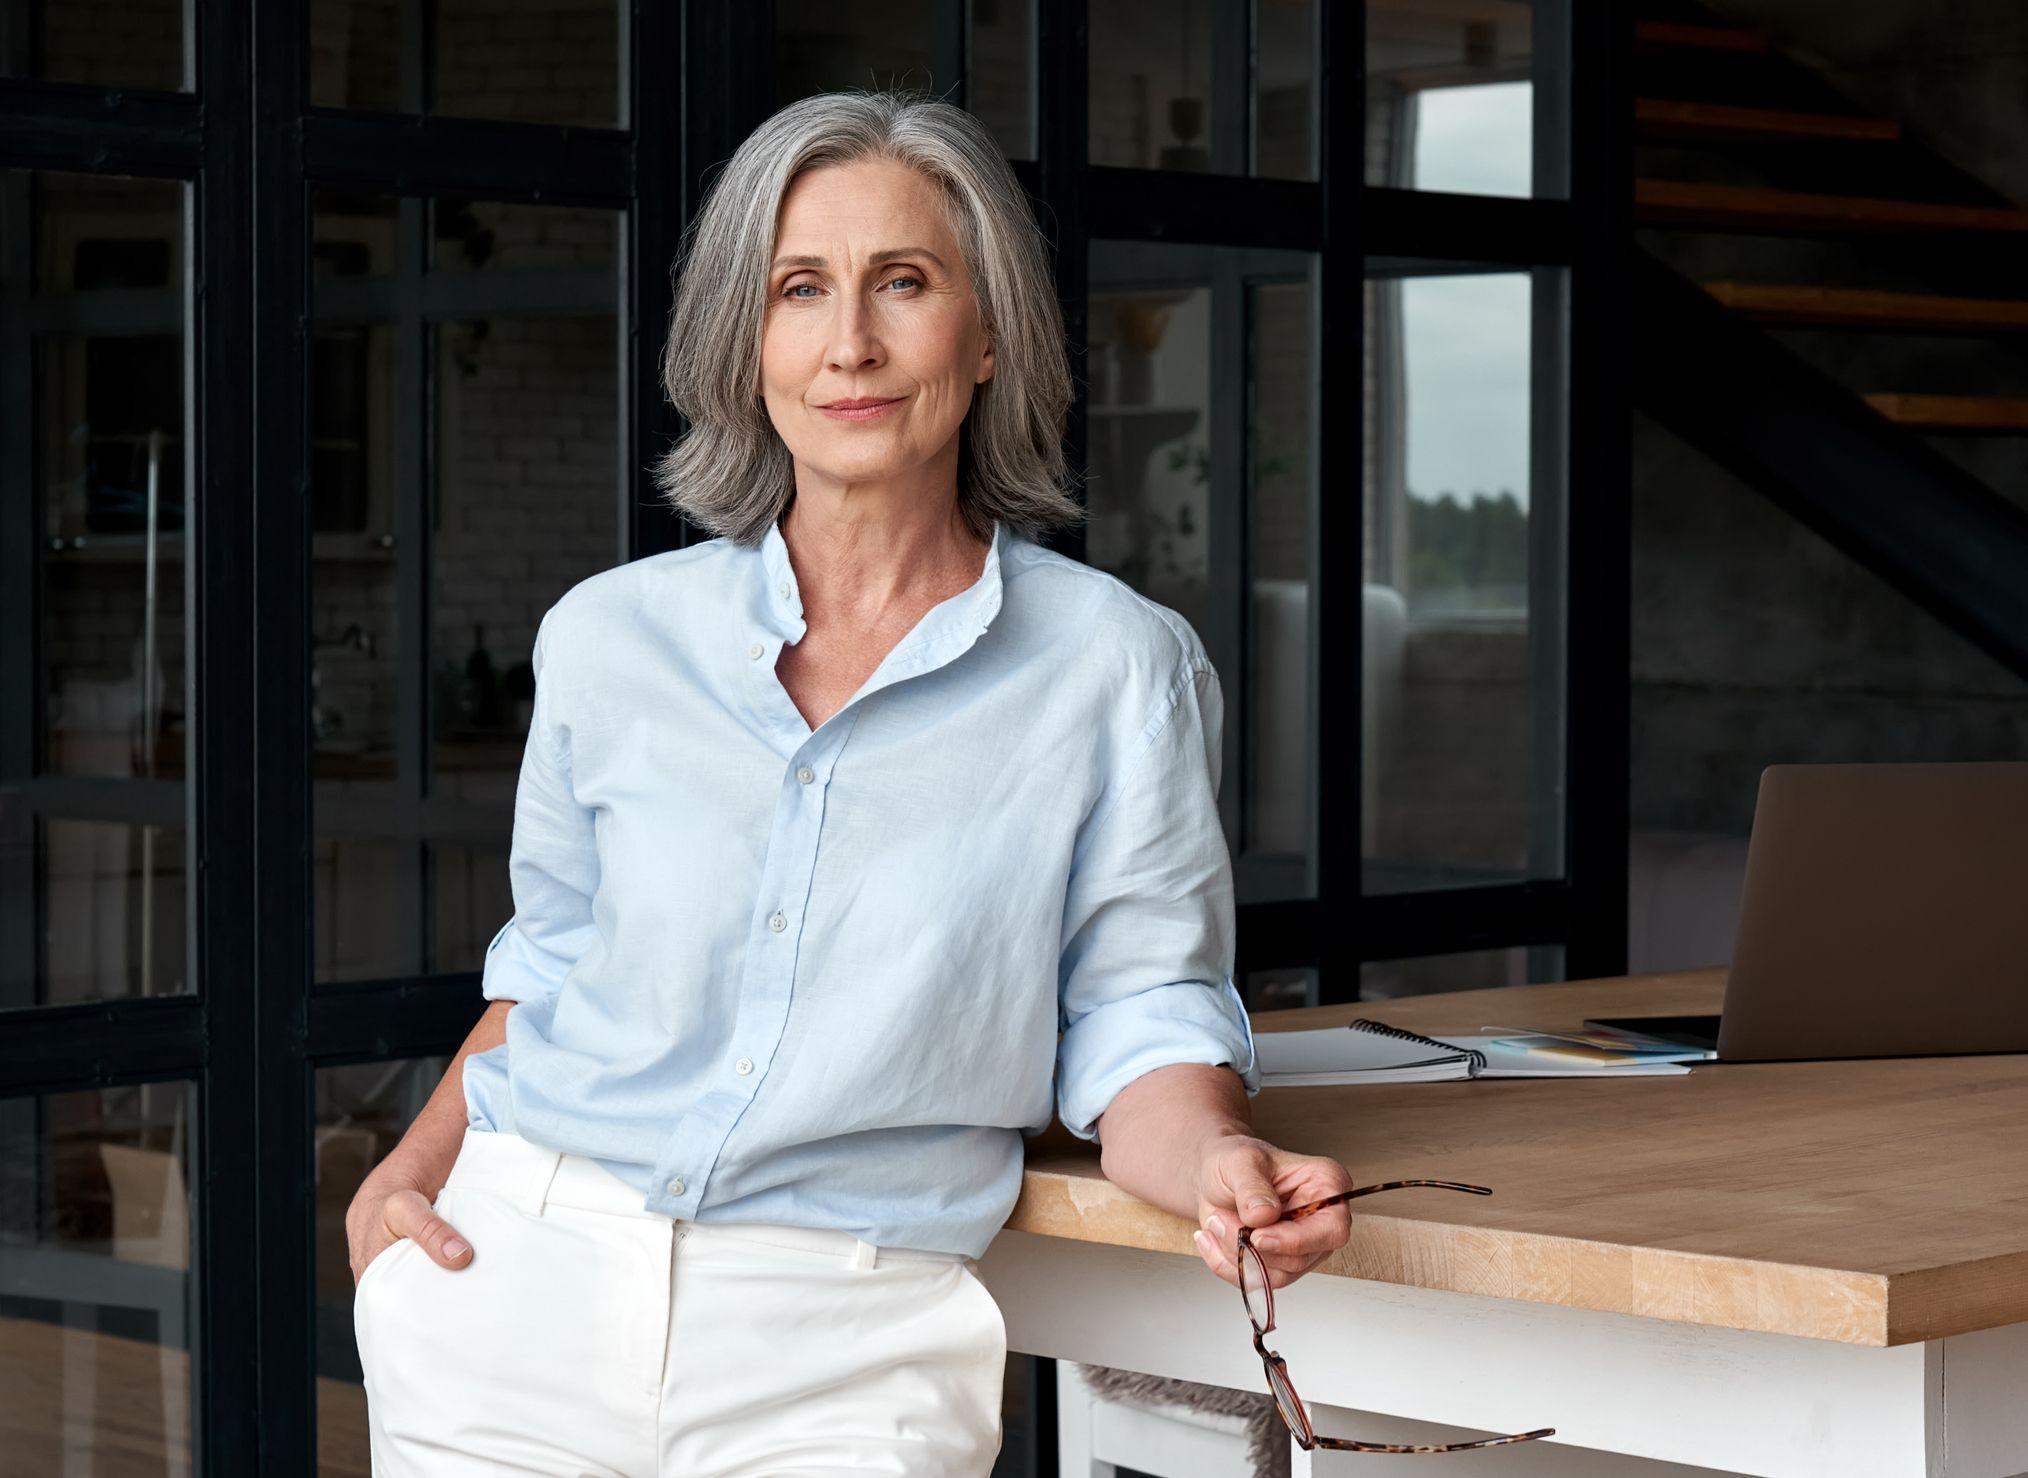 Frau im mittleren Alter mit Business-Outfit